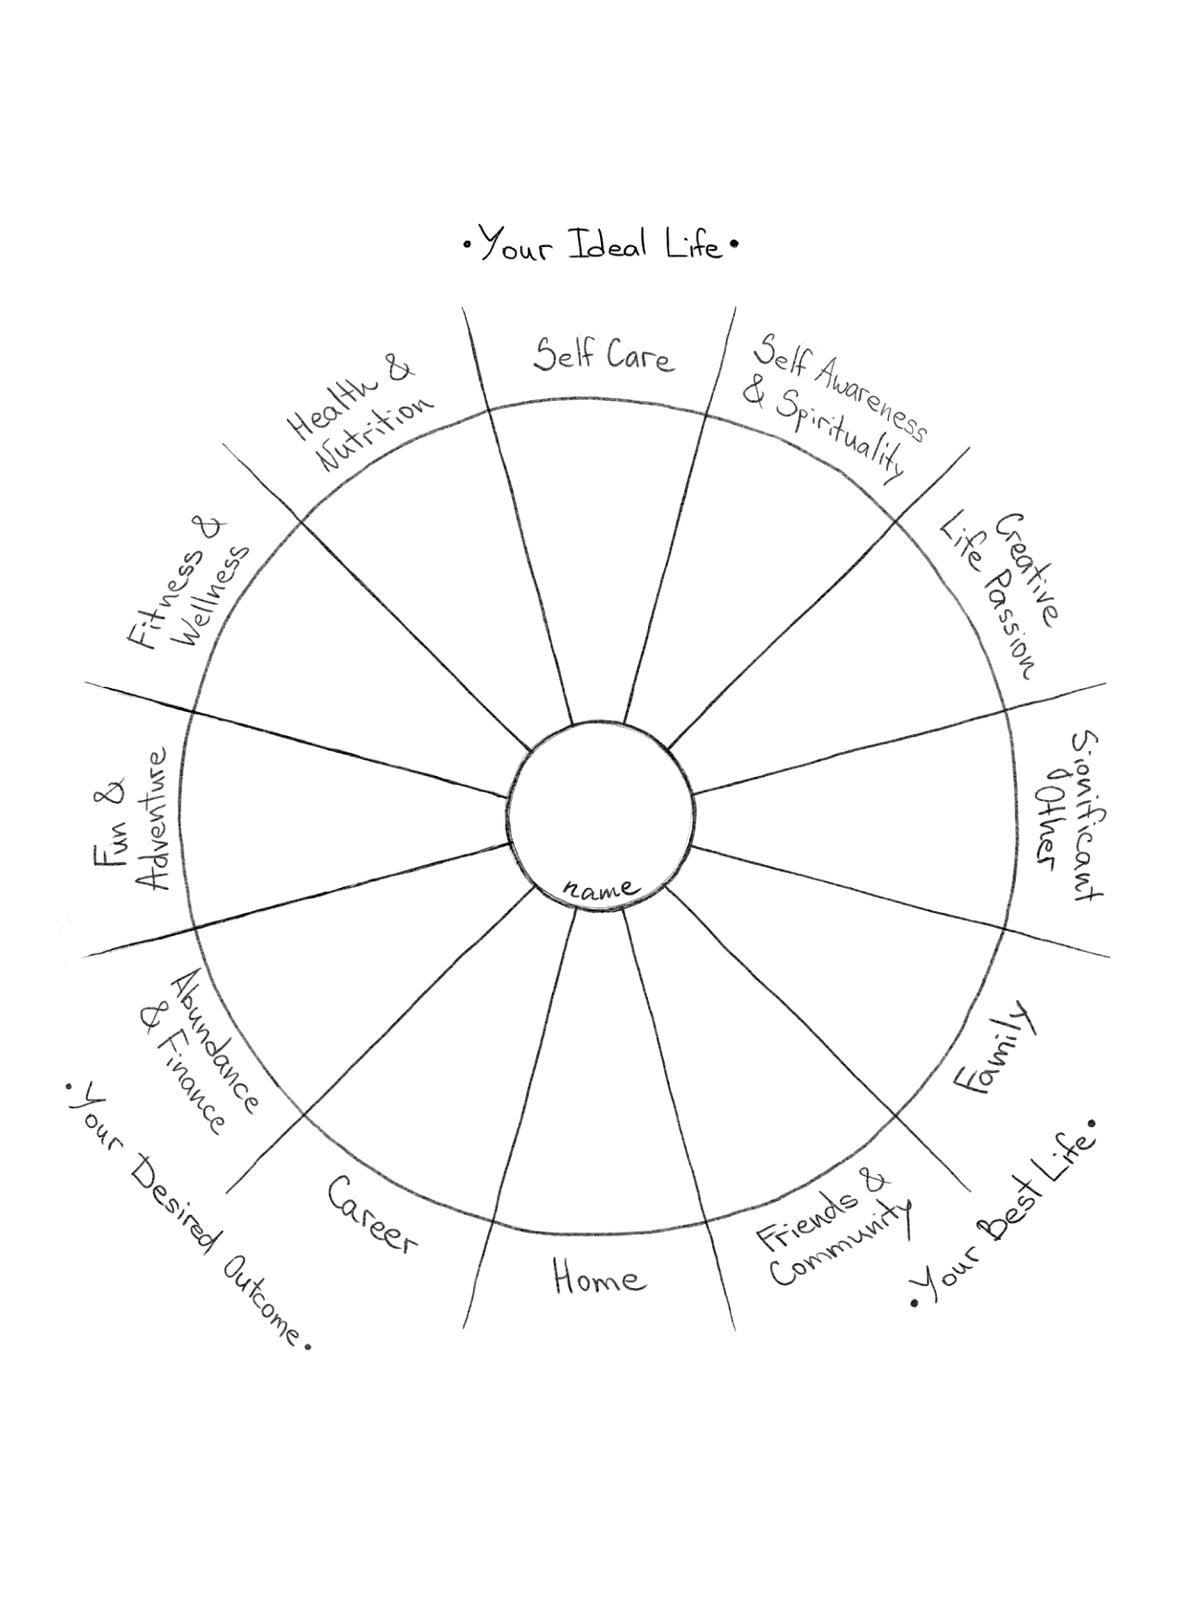 Dwell-being wheel